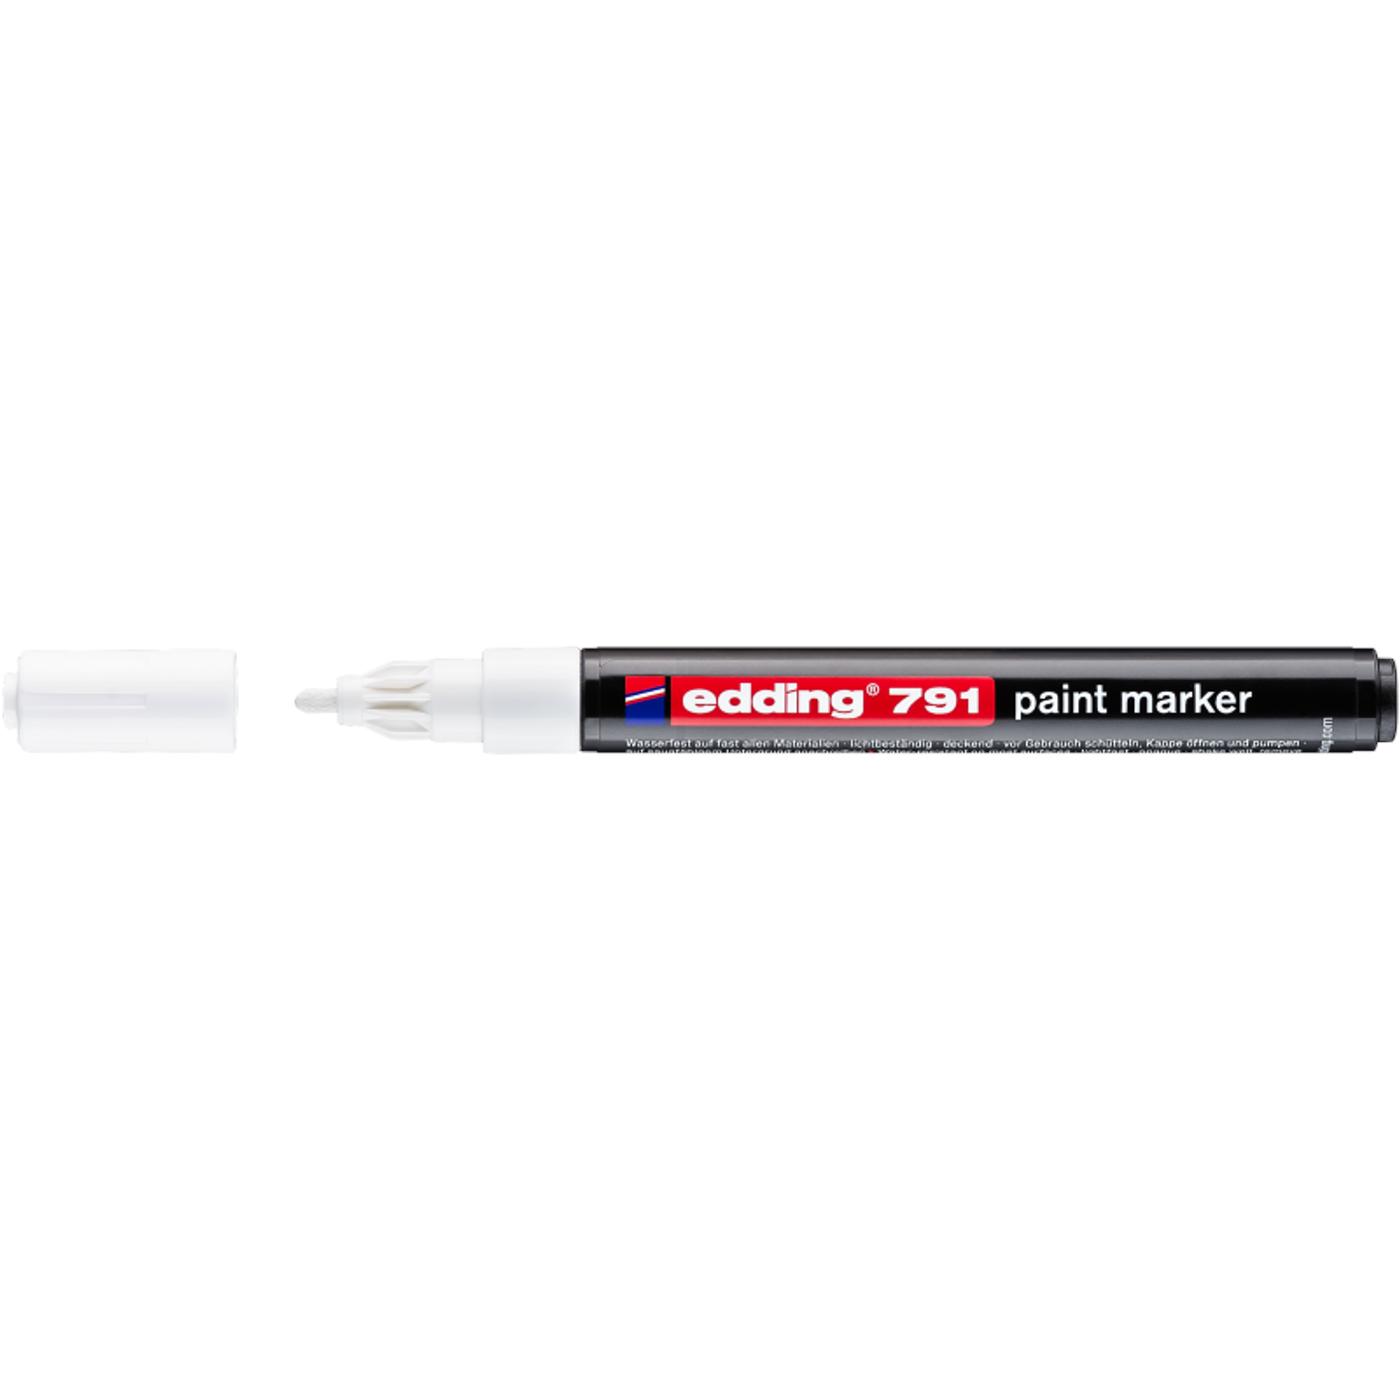 EDDING 791 PAINTMARKER (WHITE)